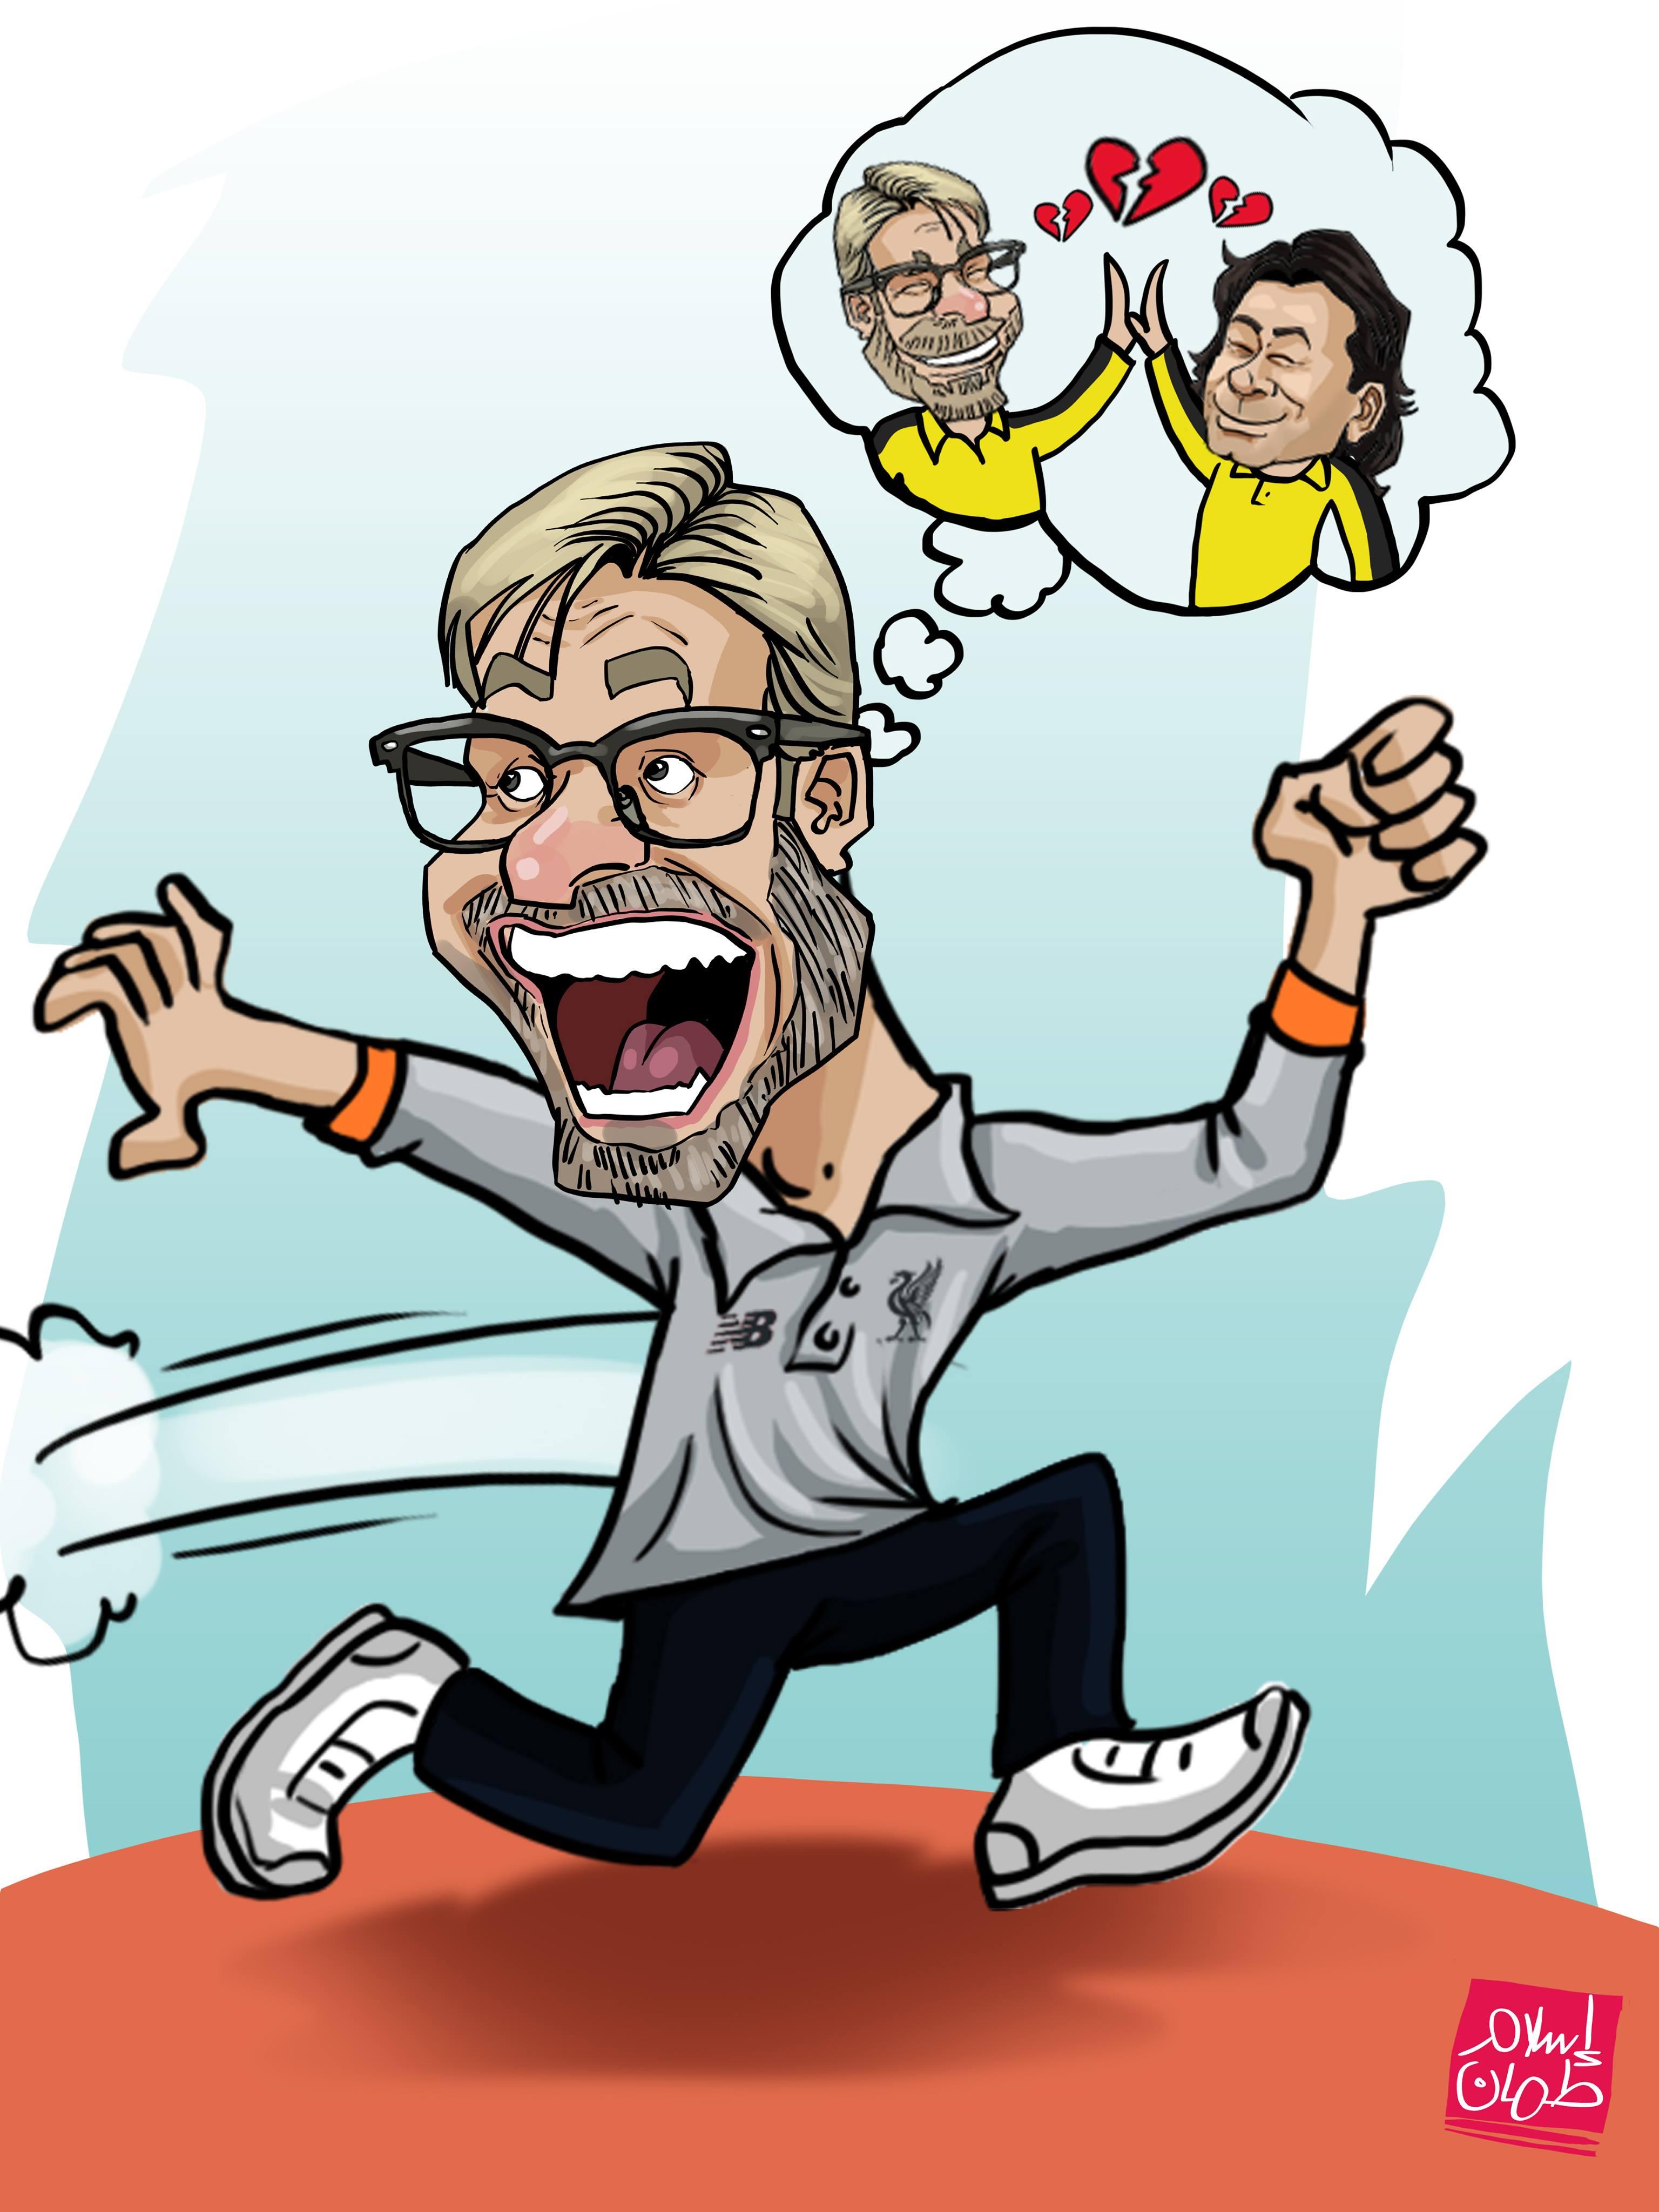 زيليكو بوفاتش, مدرب ألماني, كرة القدم, كرة القدم العالمية, ماينز